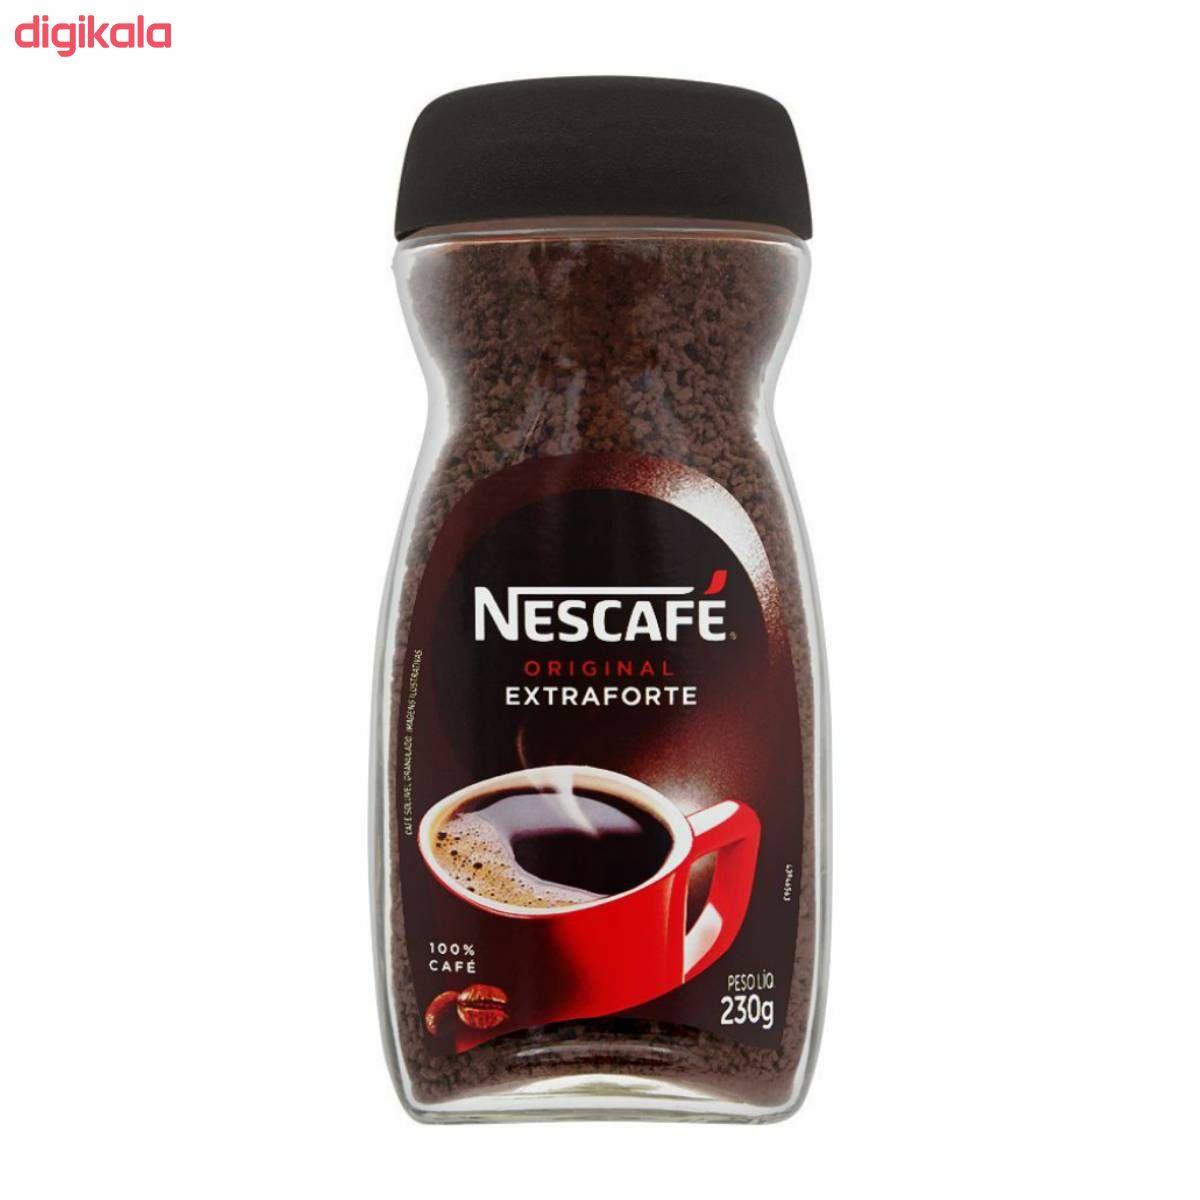 قهوه فوری اکسترافورته نسکافه - ۲۳۰ گرم main 1 1